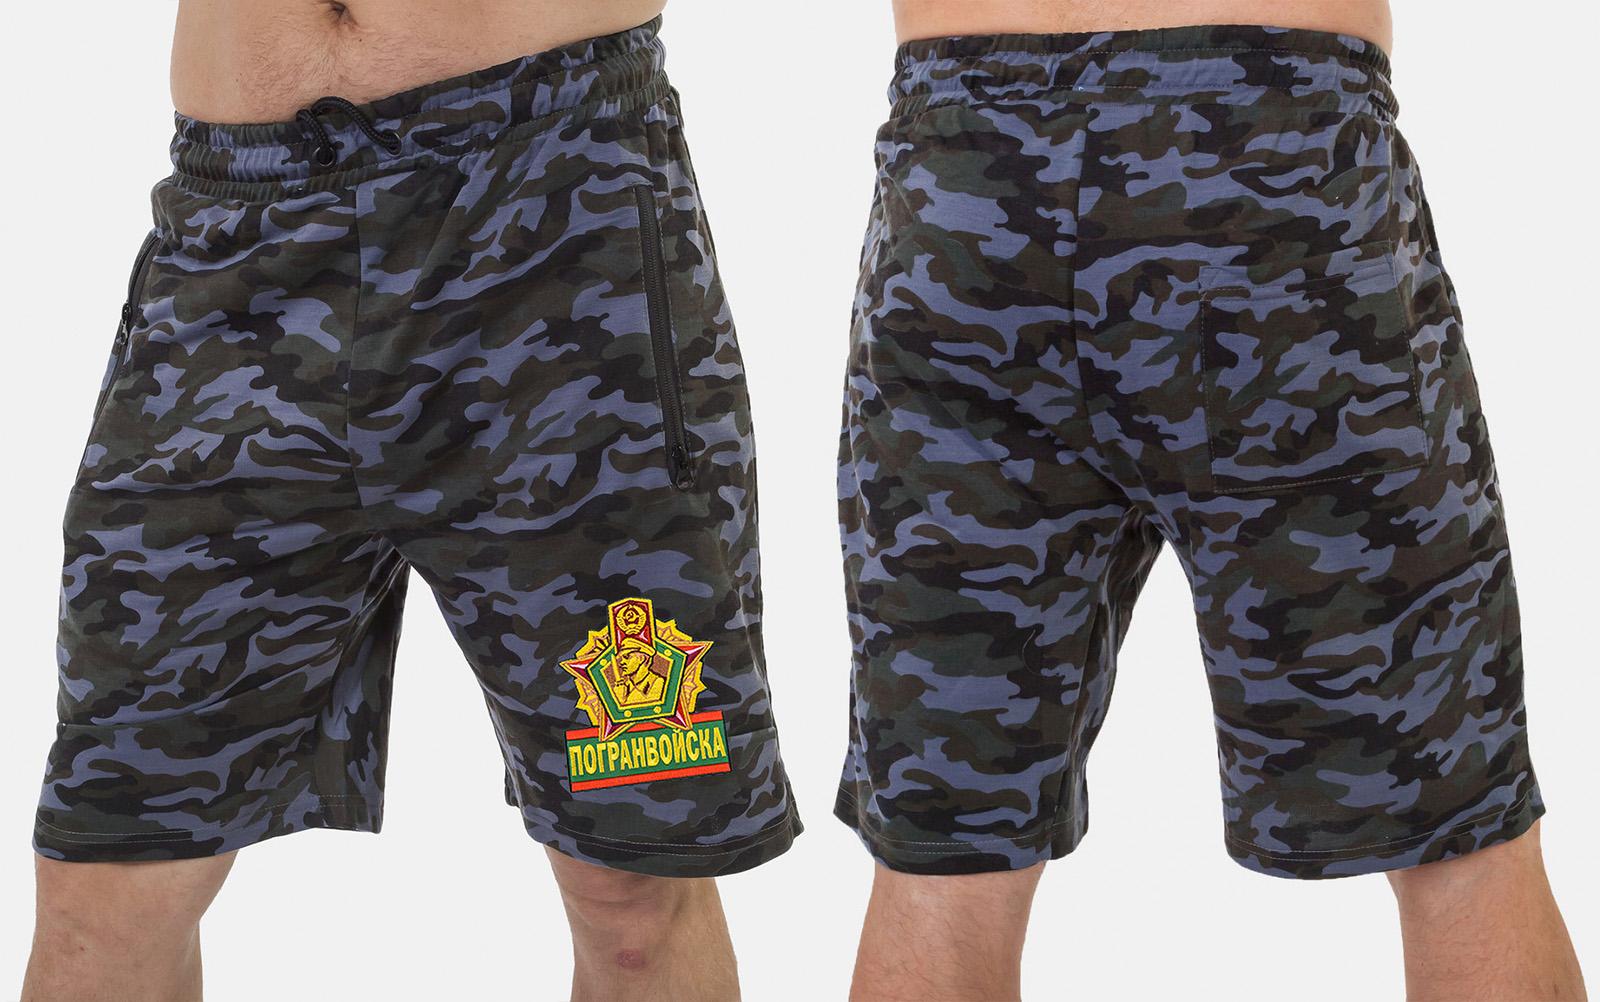 Мужские армейские шорты с нашивкой Погранвойска - купить в подарок